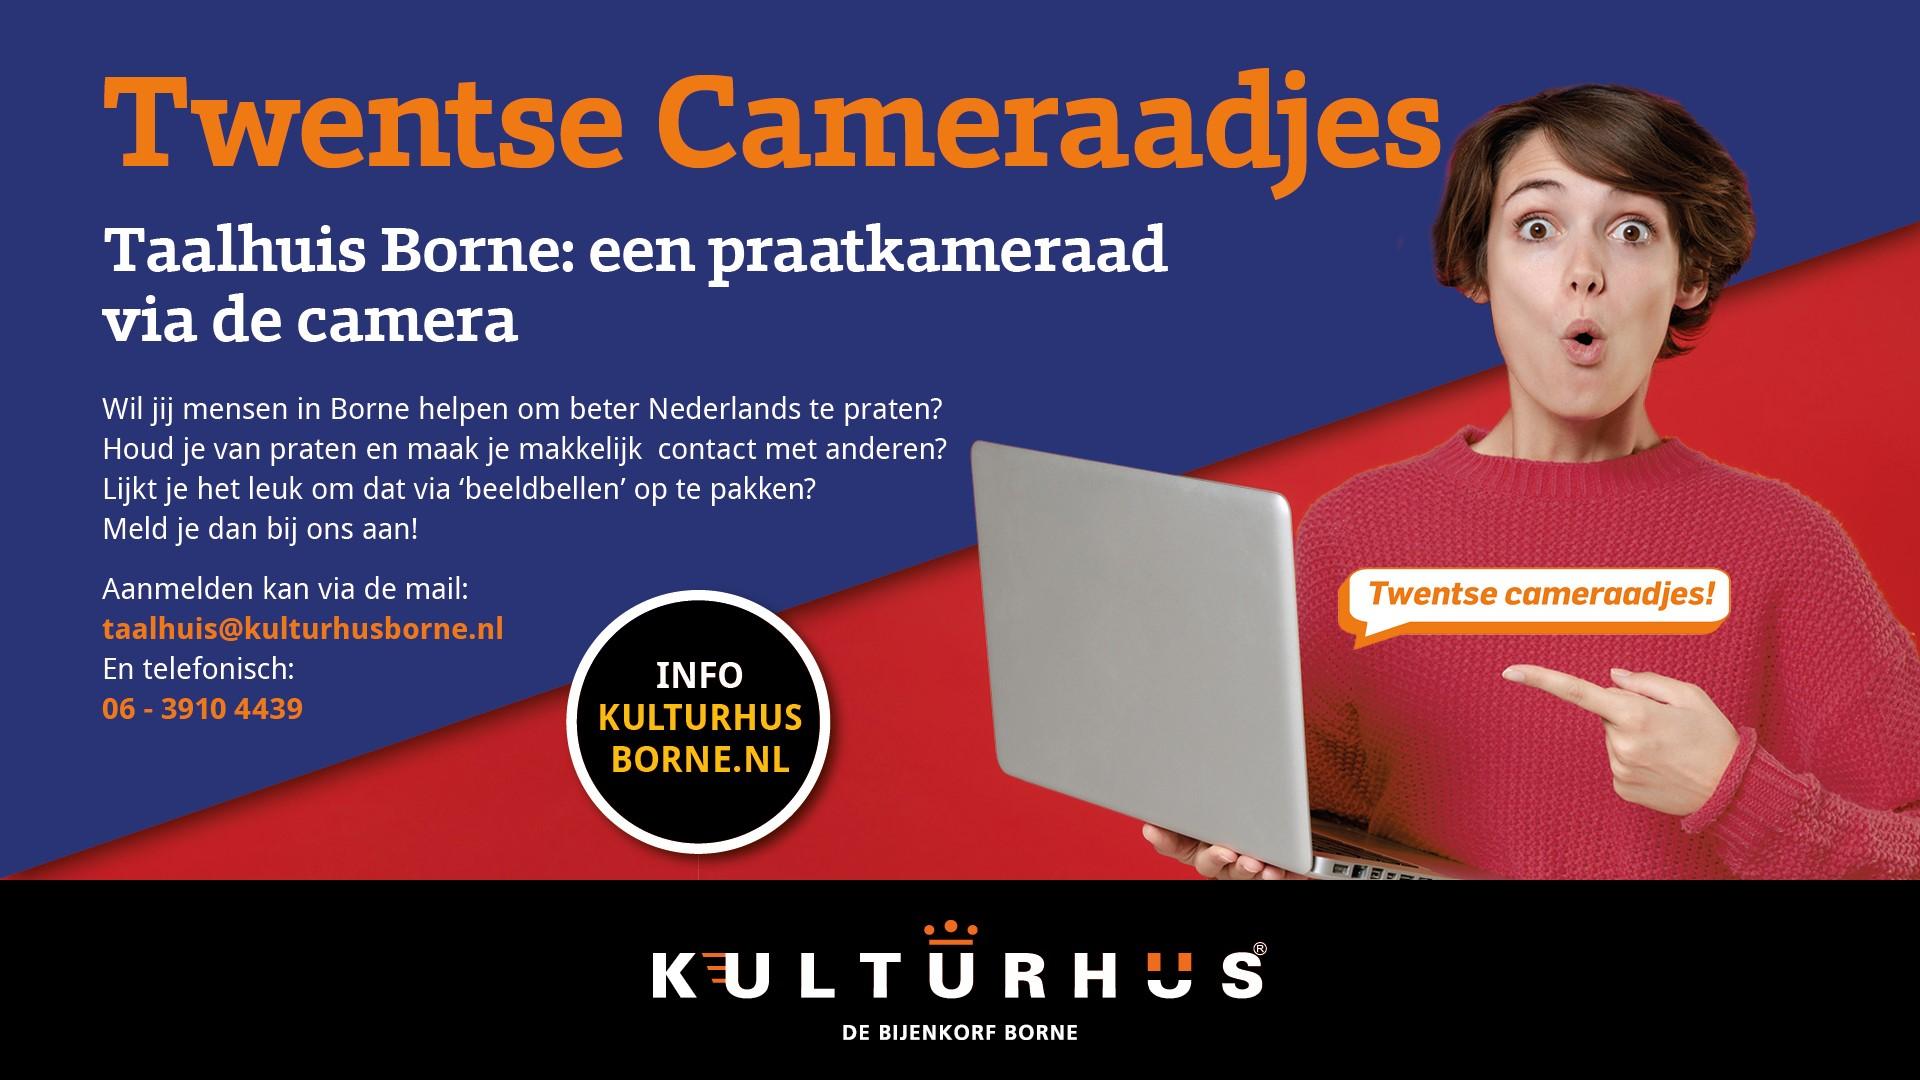 Taalhuis Borne zoekt Twentse Cameraadjes!